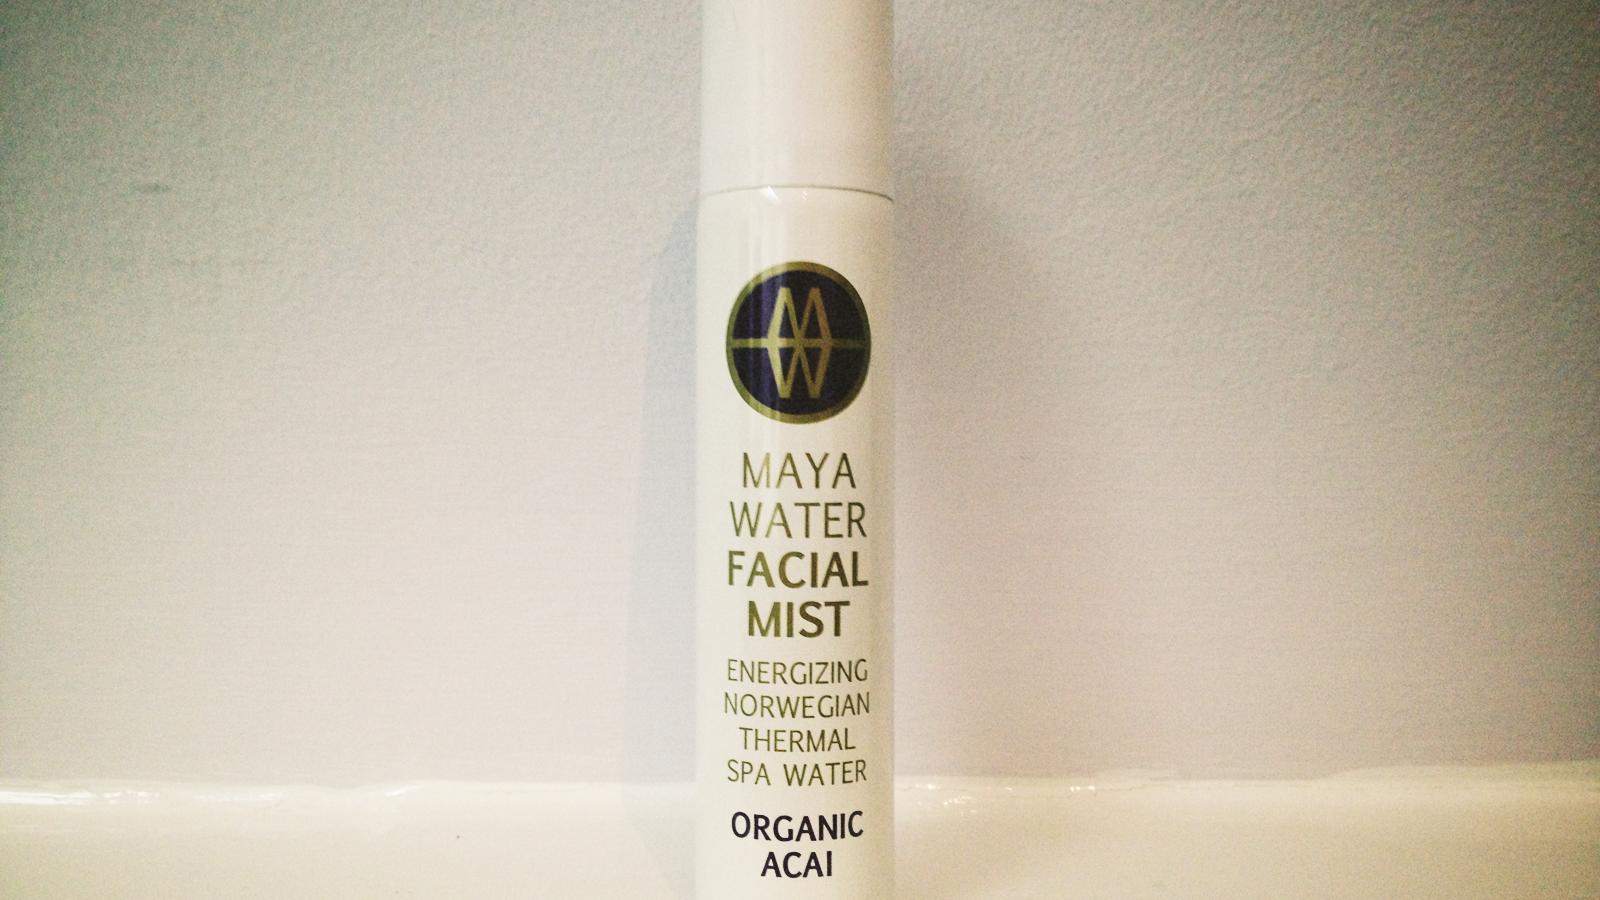 Maya-Water-Facial-Mist-Energising-Norwegian-Thermal-Spa-Water-Organic-Acai